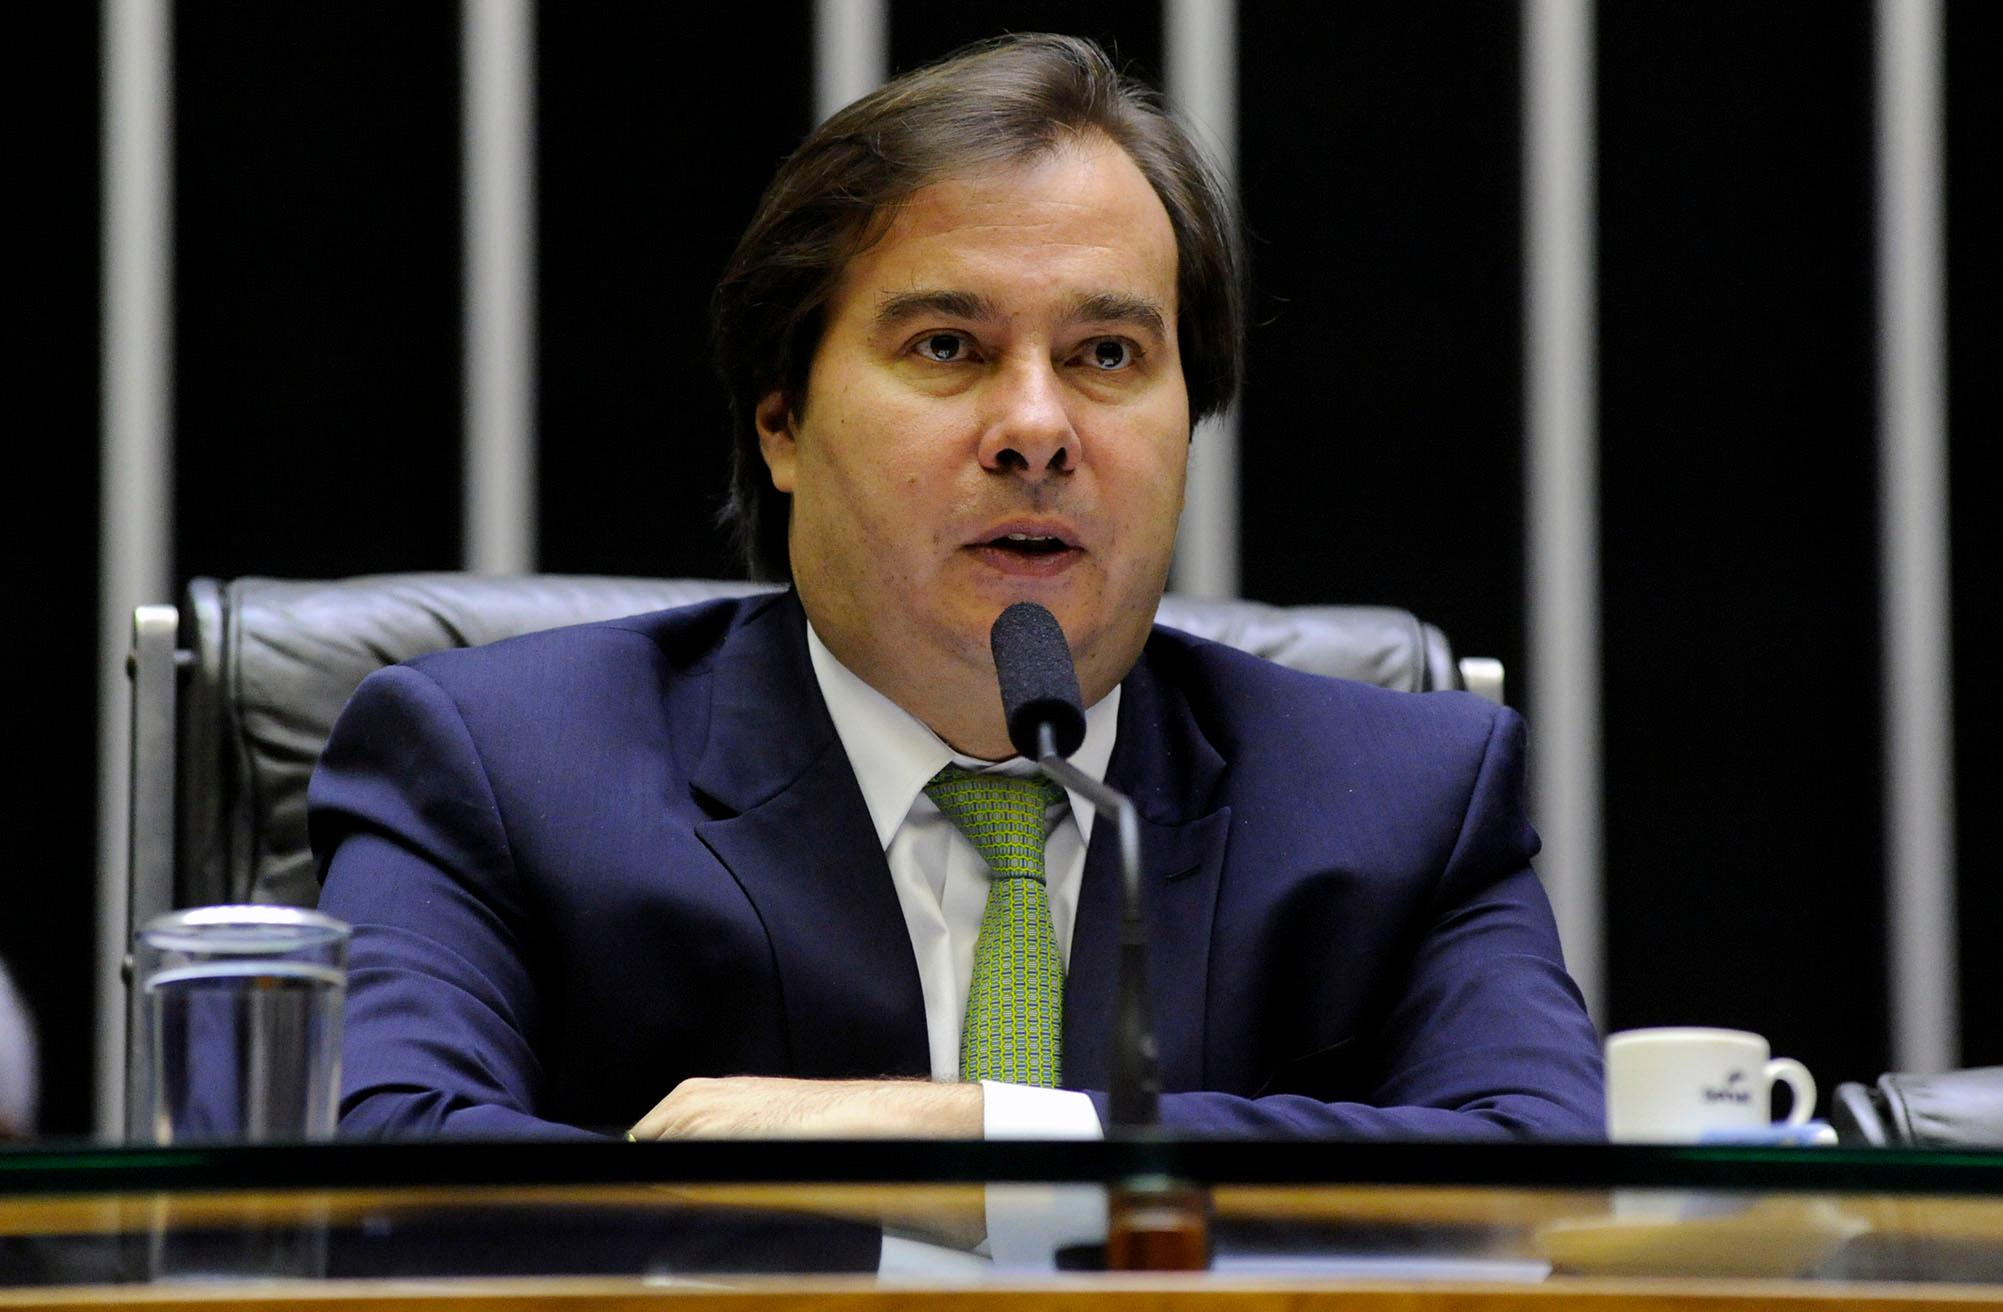 Homenagem Póstuma ao deputado Rômulo Gouveia. Presidente da câmara dep. Rodrigo Maia (DEM-RJ)